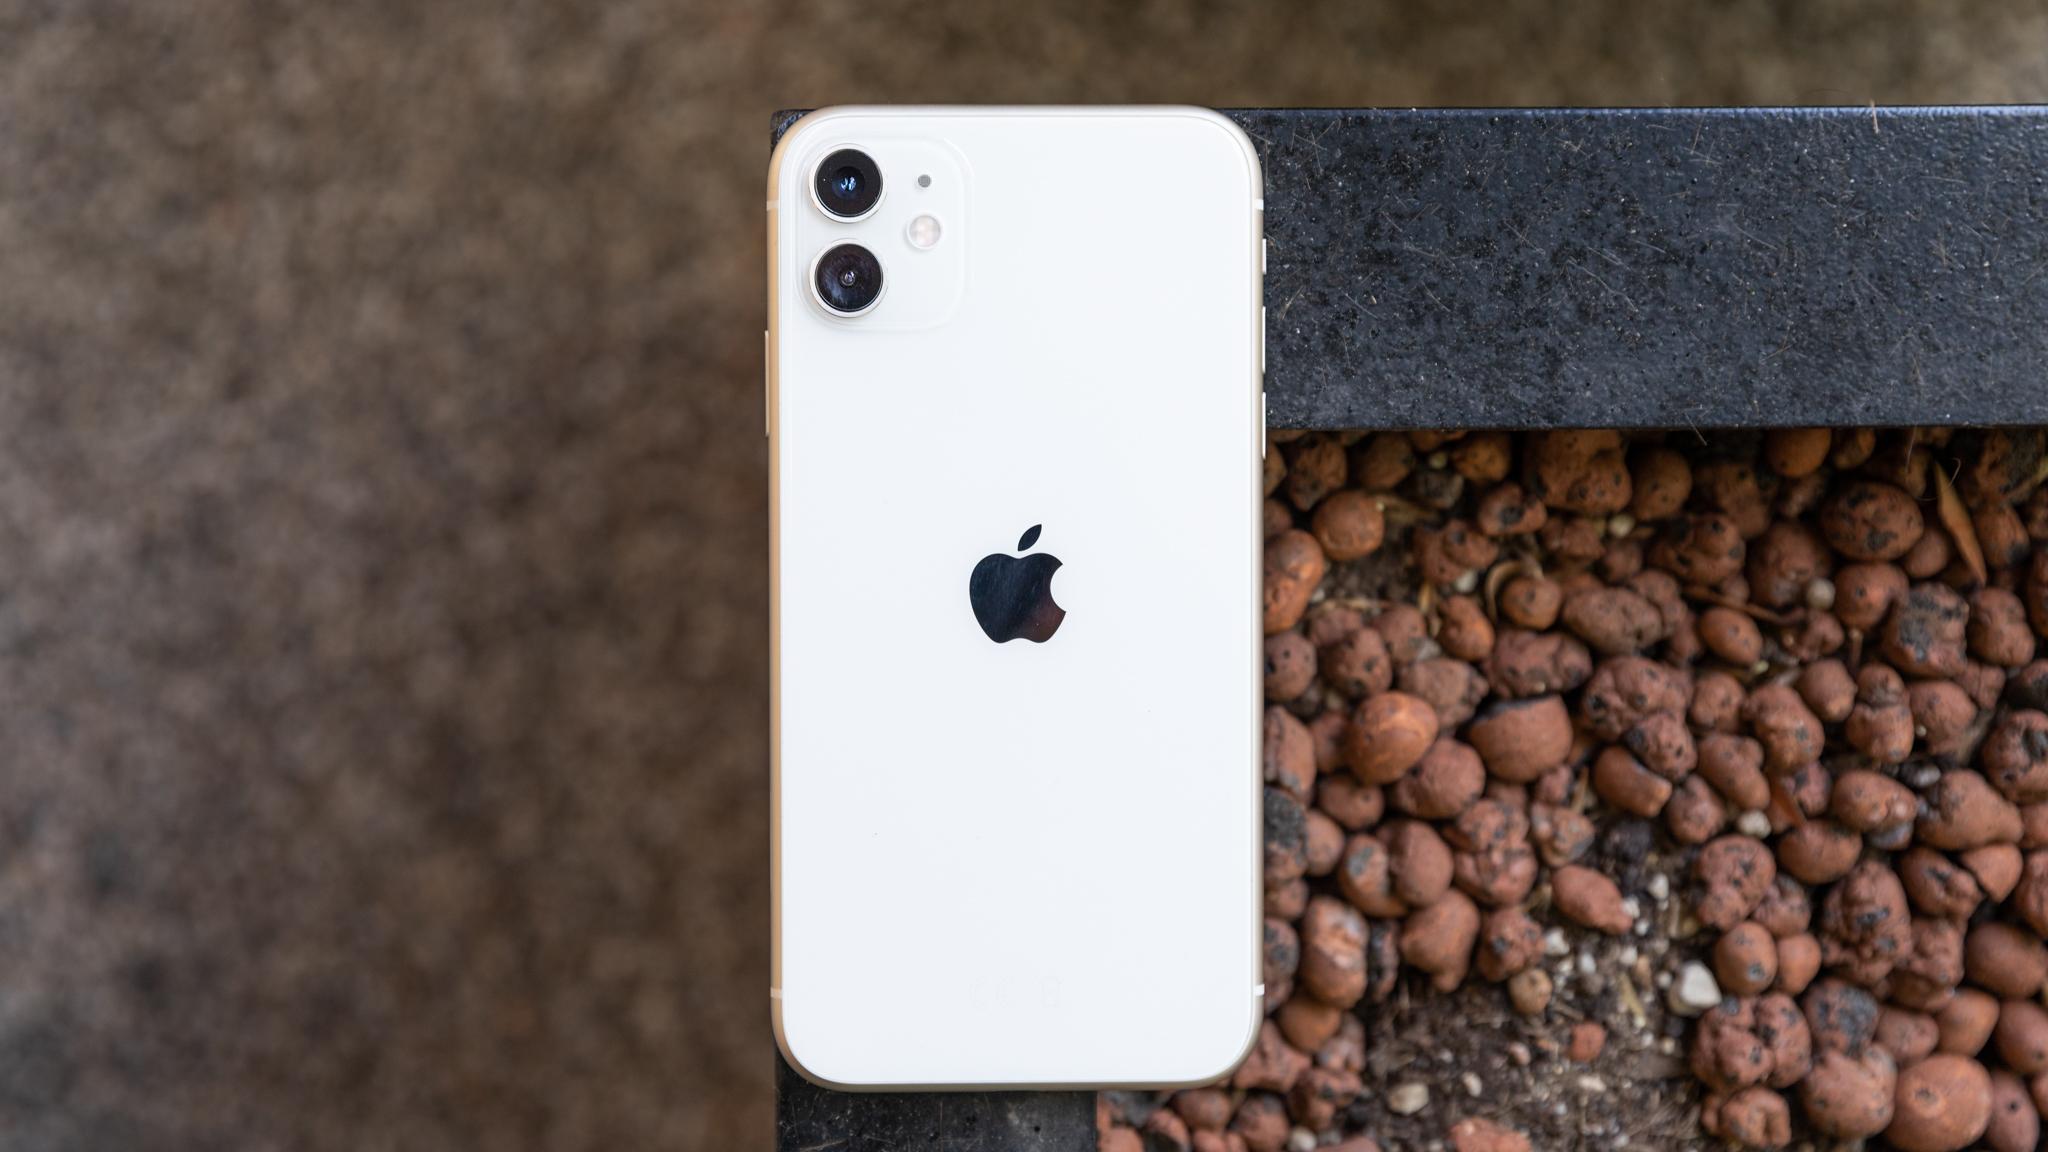 Các giao dịch điện thoại Thứ Sáu Đen tốt nhất: Tiết kiệm lớn smartphones từ Apple, Samsung, Google và nhiều hơn nữa 3